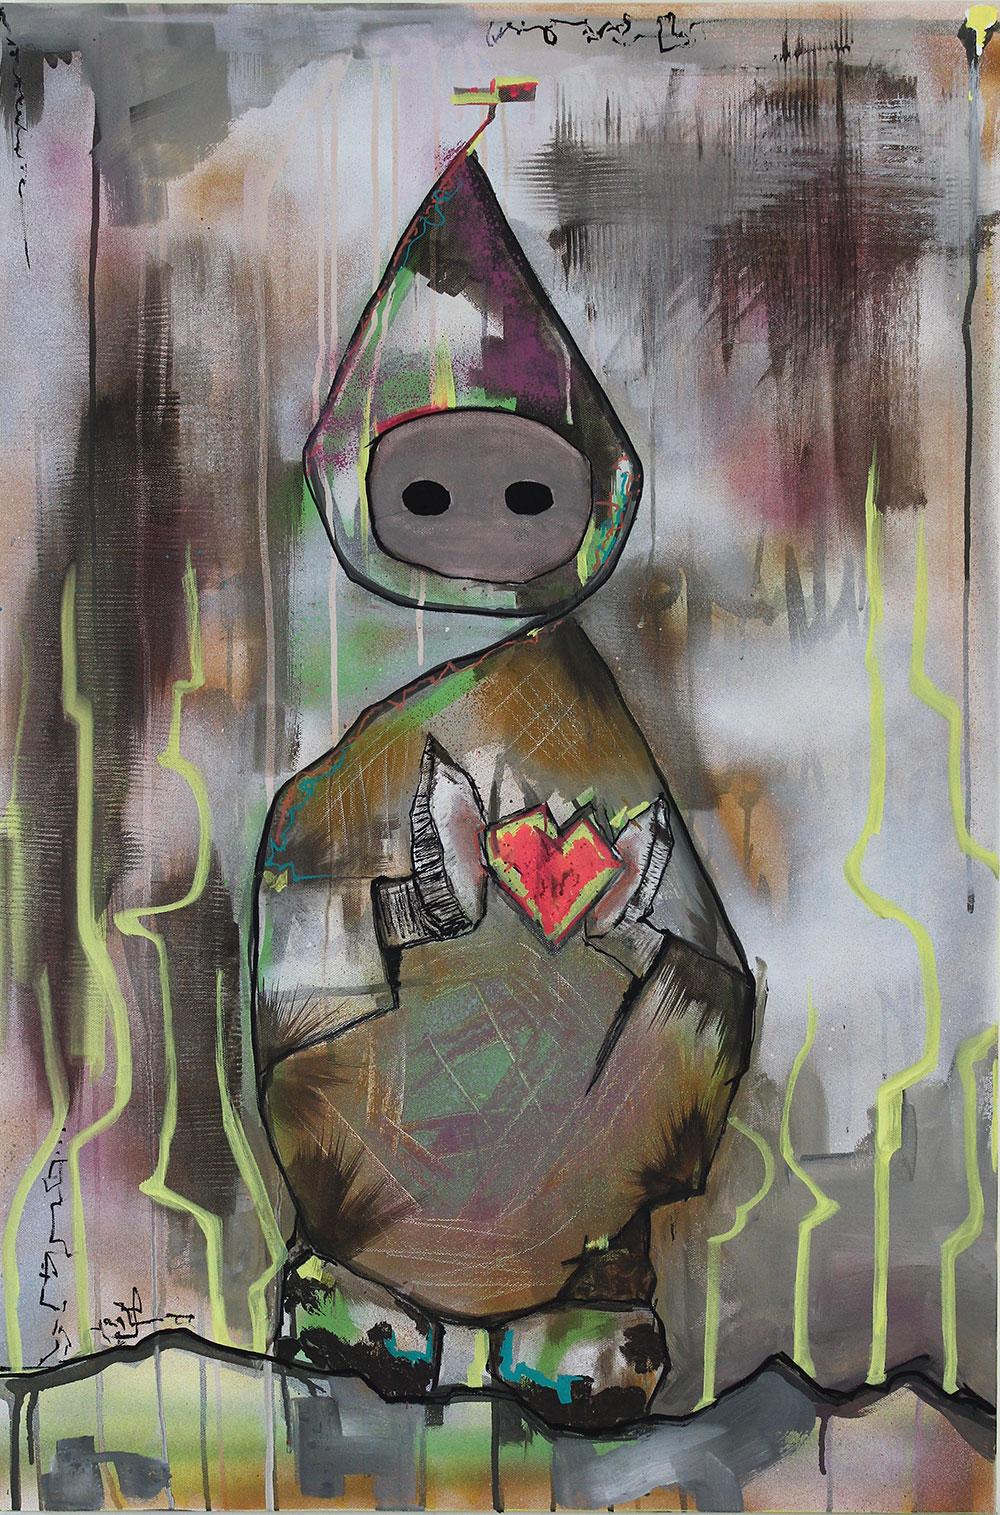 painting_LB_Dot_2015_web.jpg